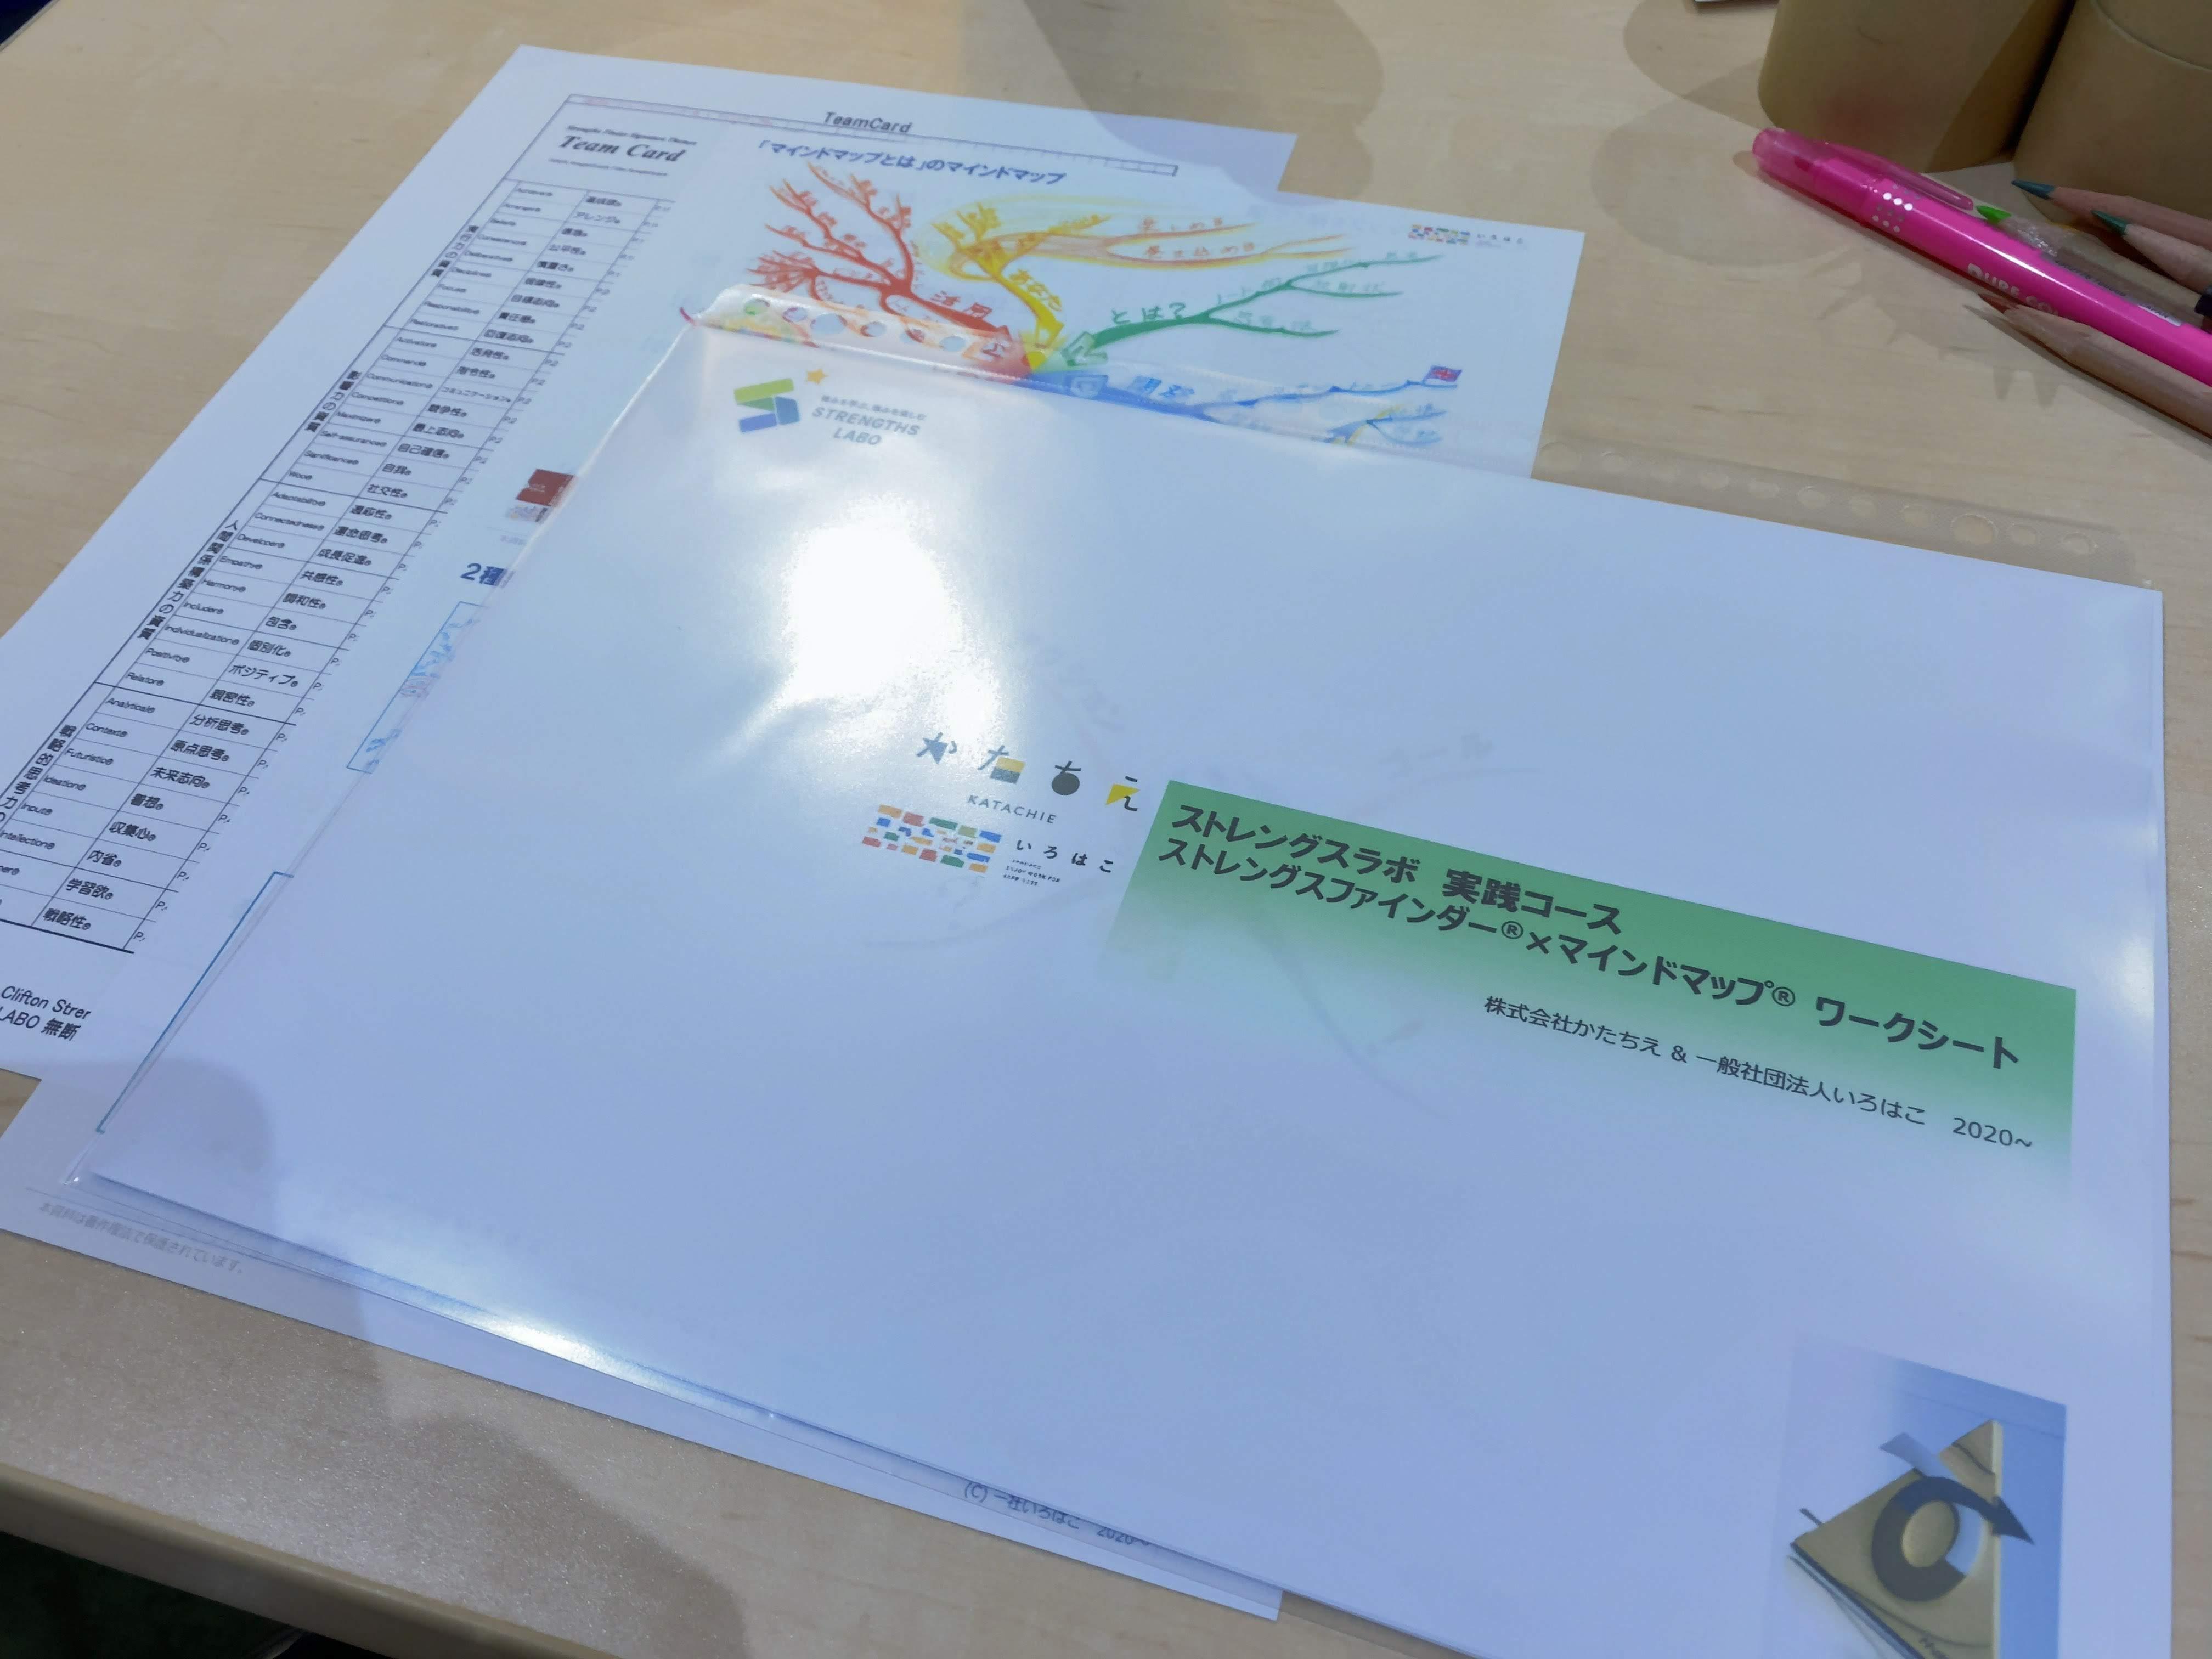 【開催報告】マインドマップ×ストレングスファインダーで、自分を知り、相手を理解する見取り図を手にできる!